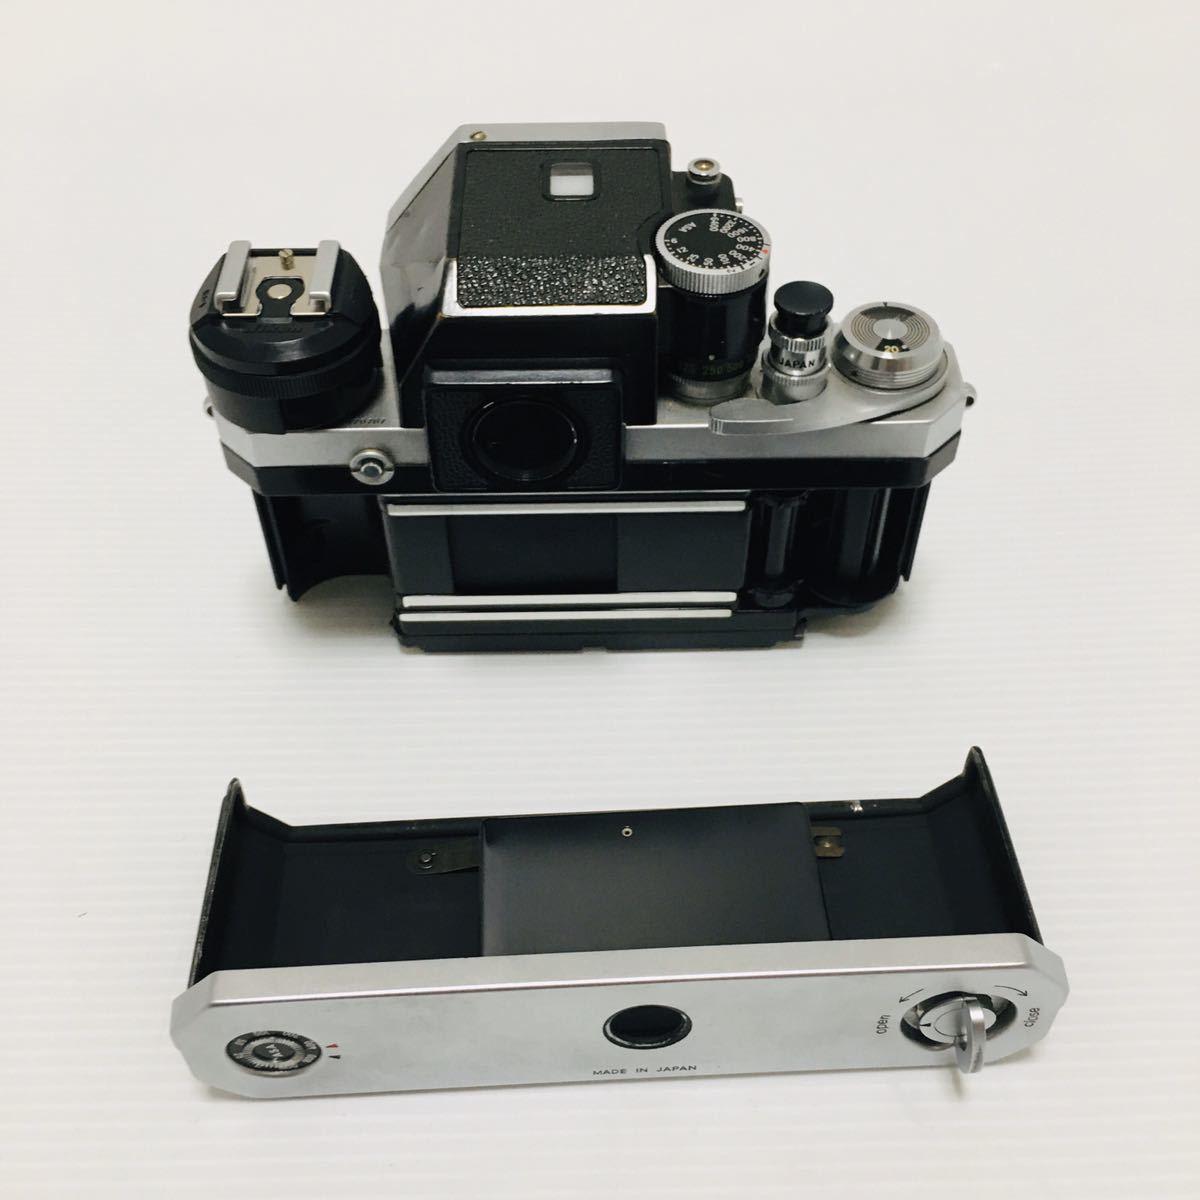 【動作未確認】Nikon F シルバー フィルムカメラ national3650 フラッシュ、レンズ付 NIKKOR-S 1:1.4 ジャンク_画像8